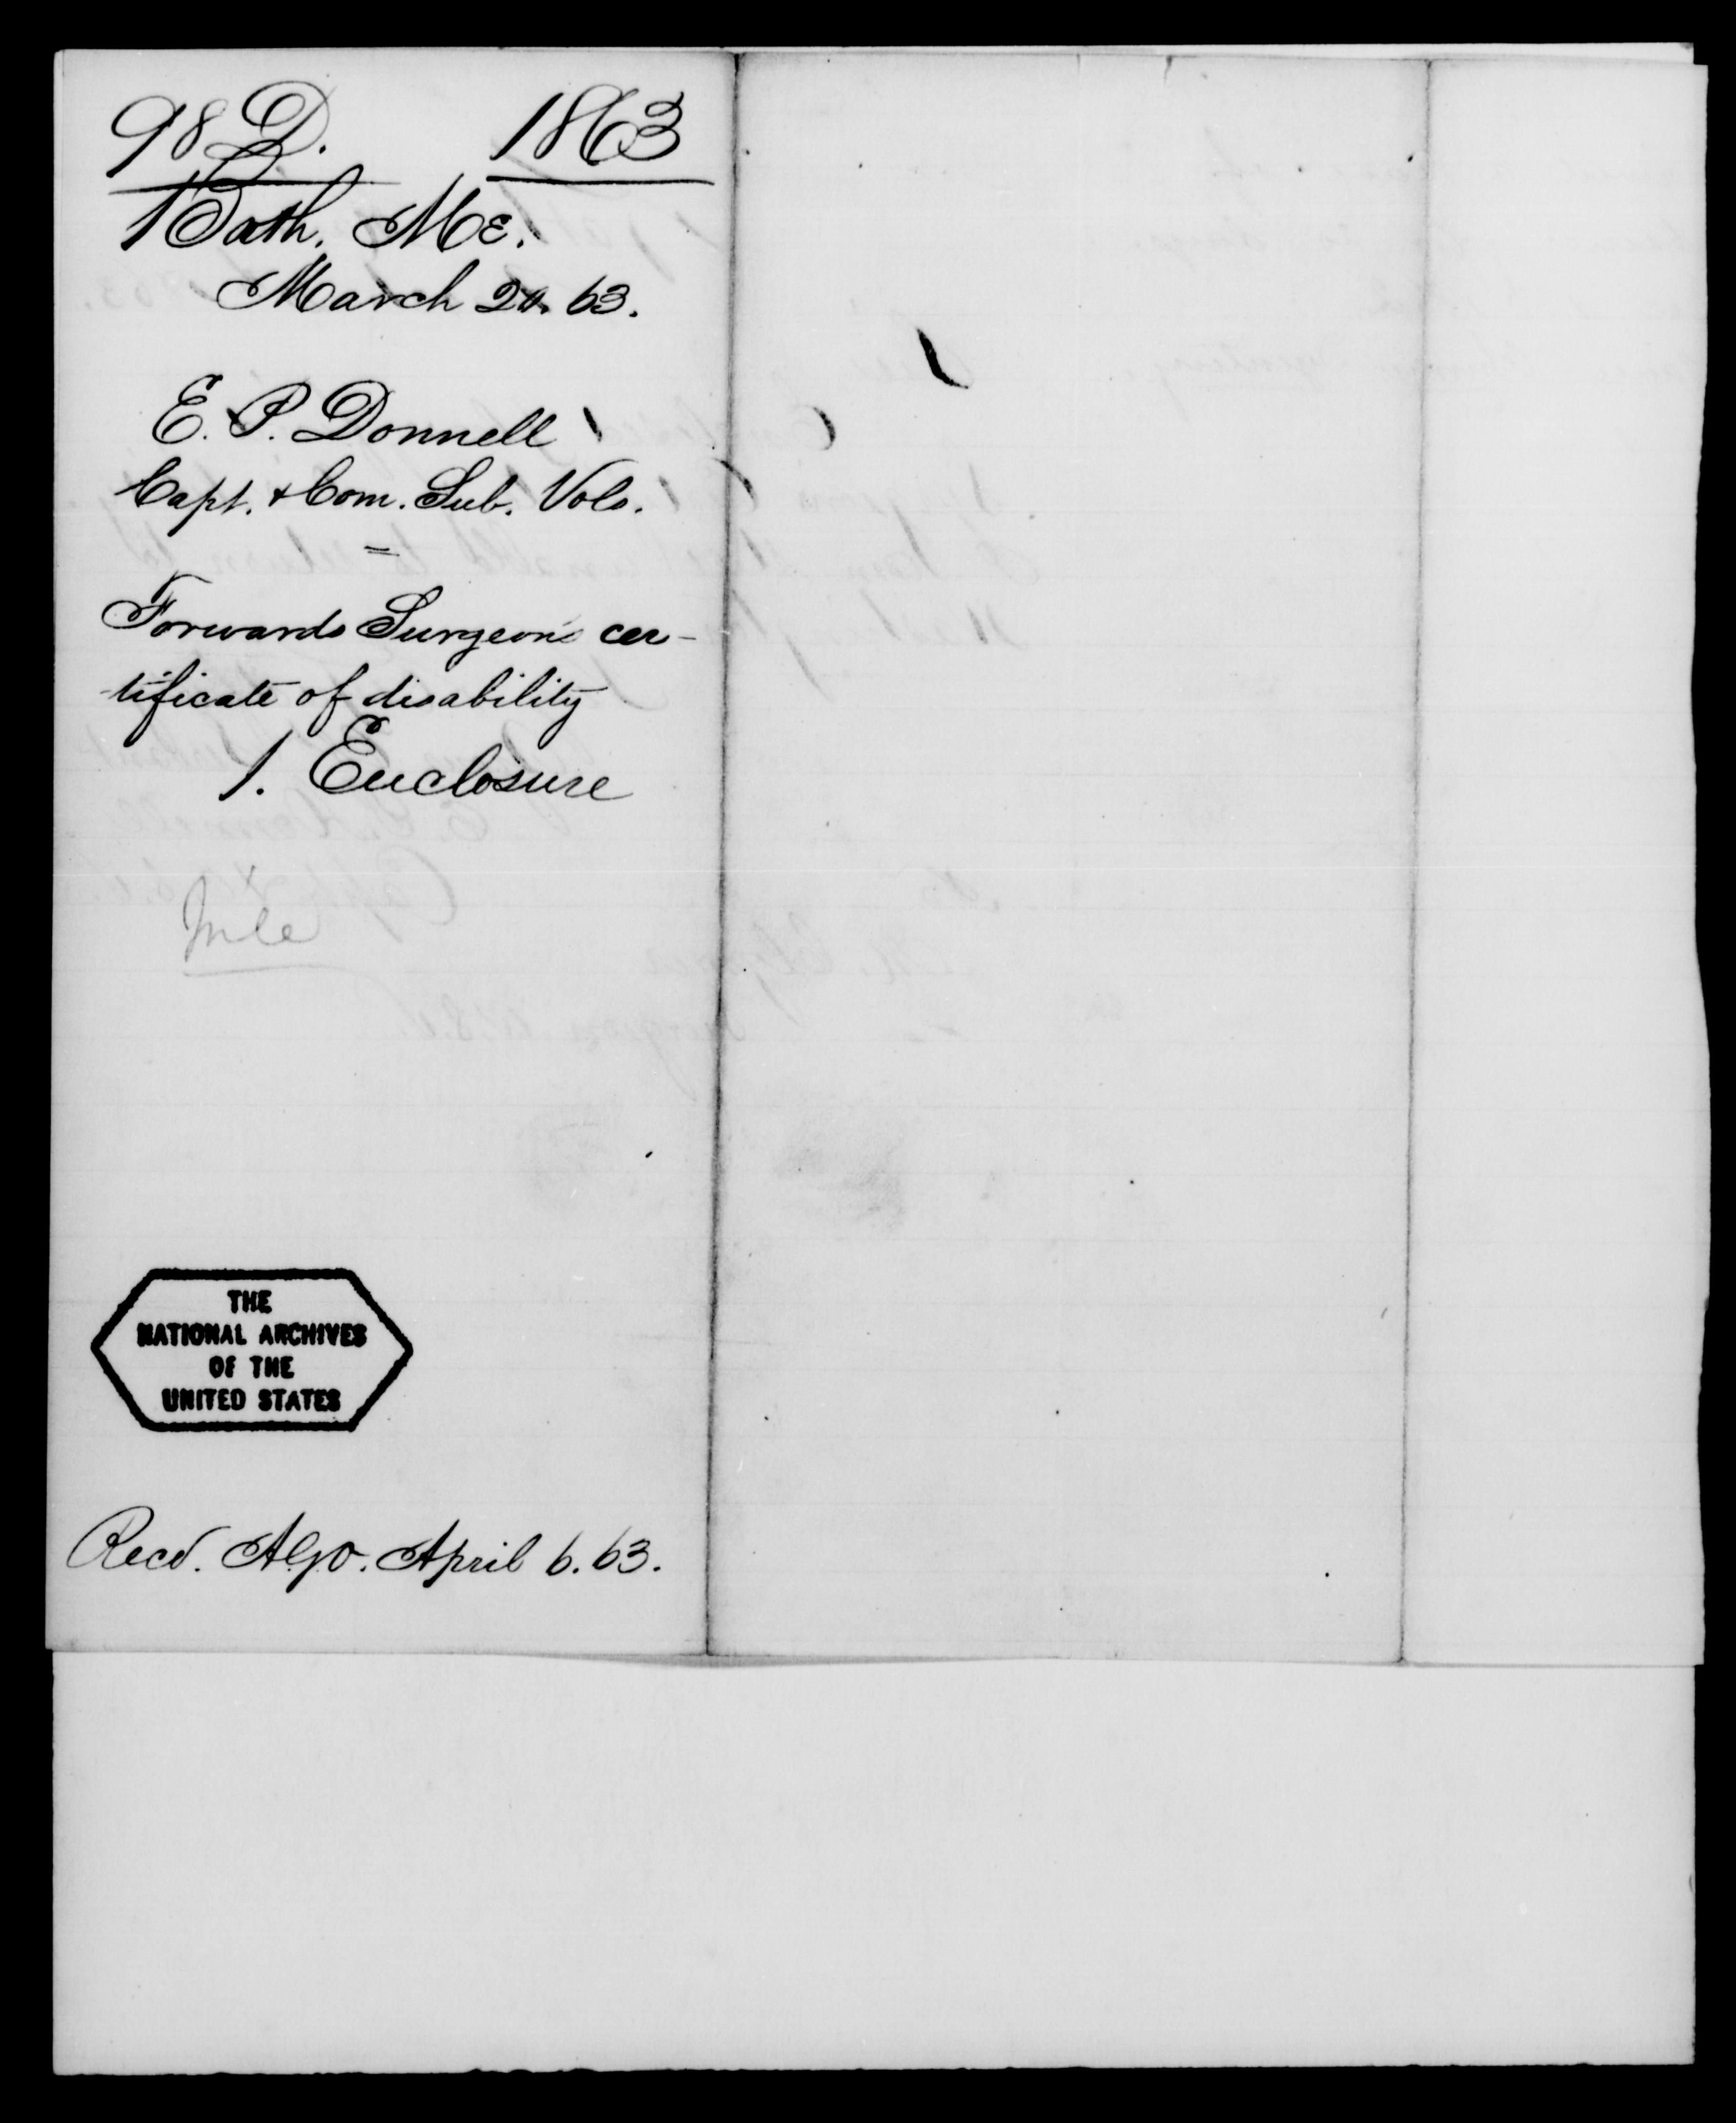 1861 - Darling, J A - File No. D98